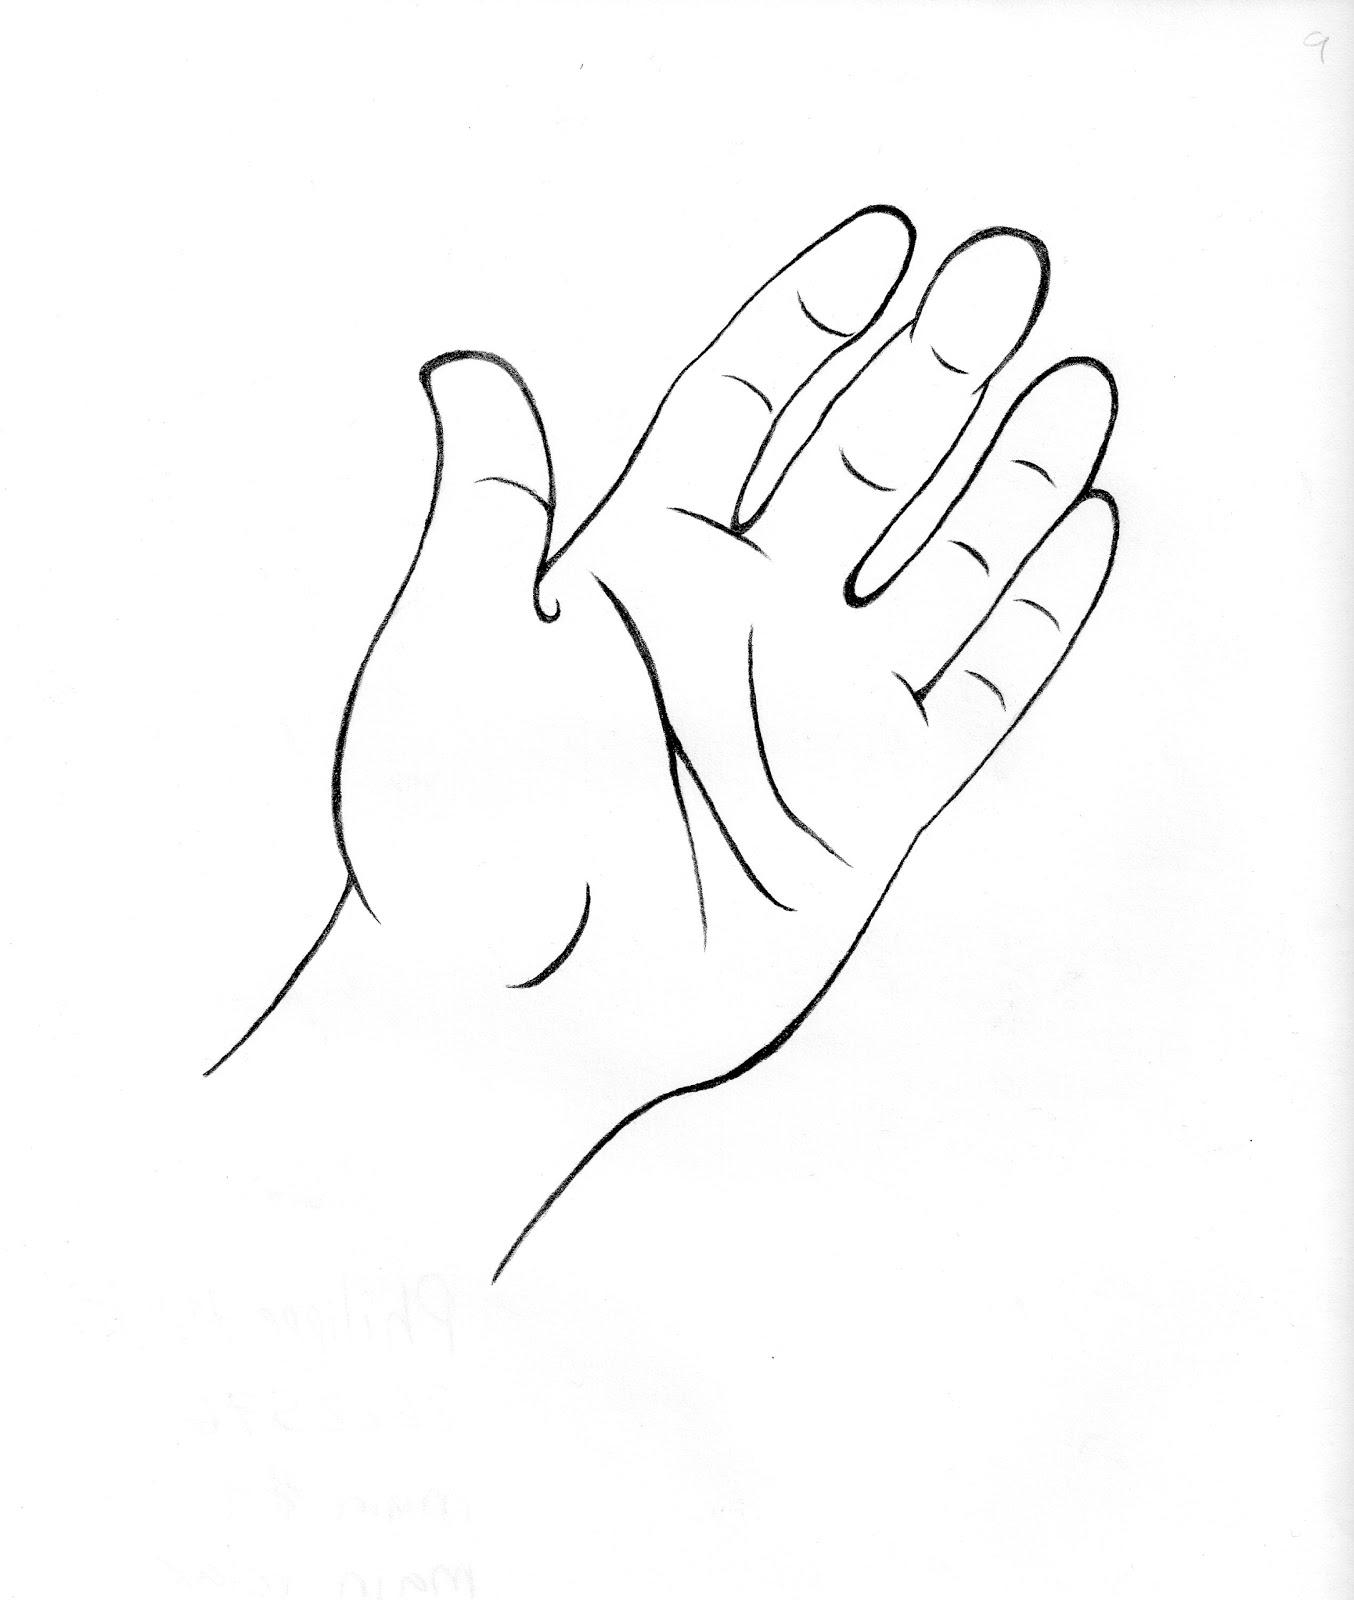 philippe millette  dessin  les mains cartoons et r u00e9alistes